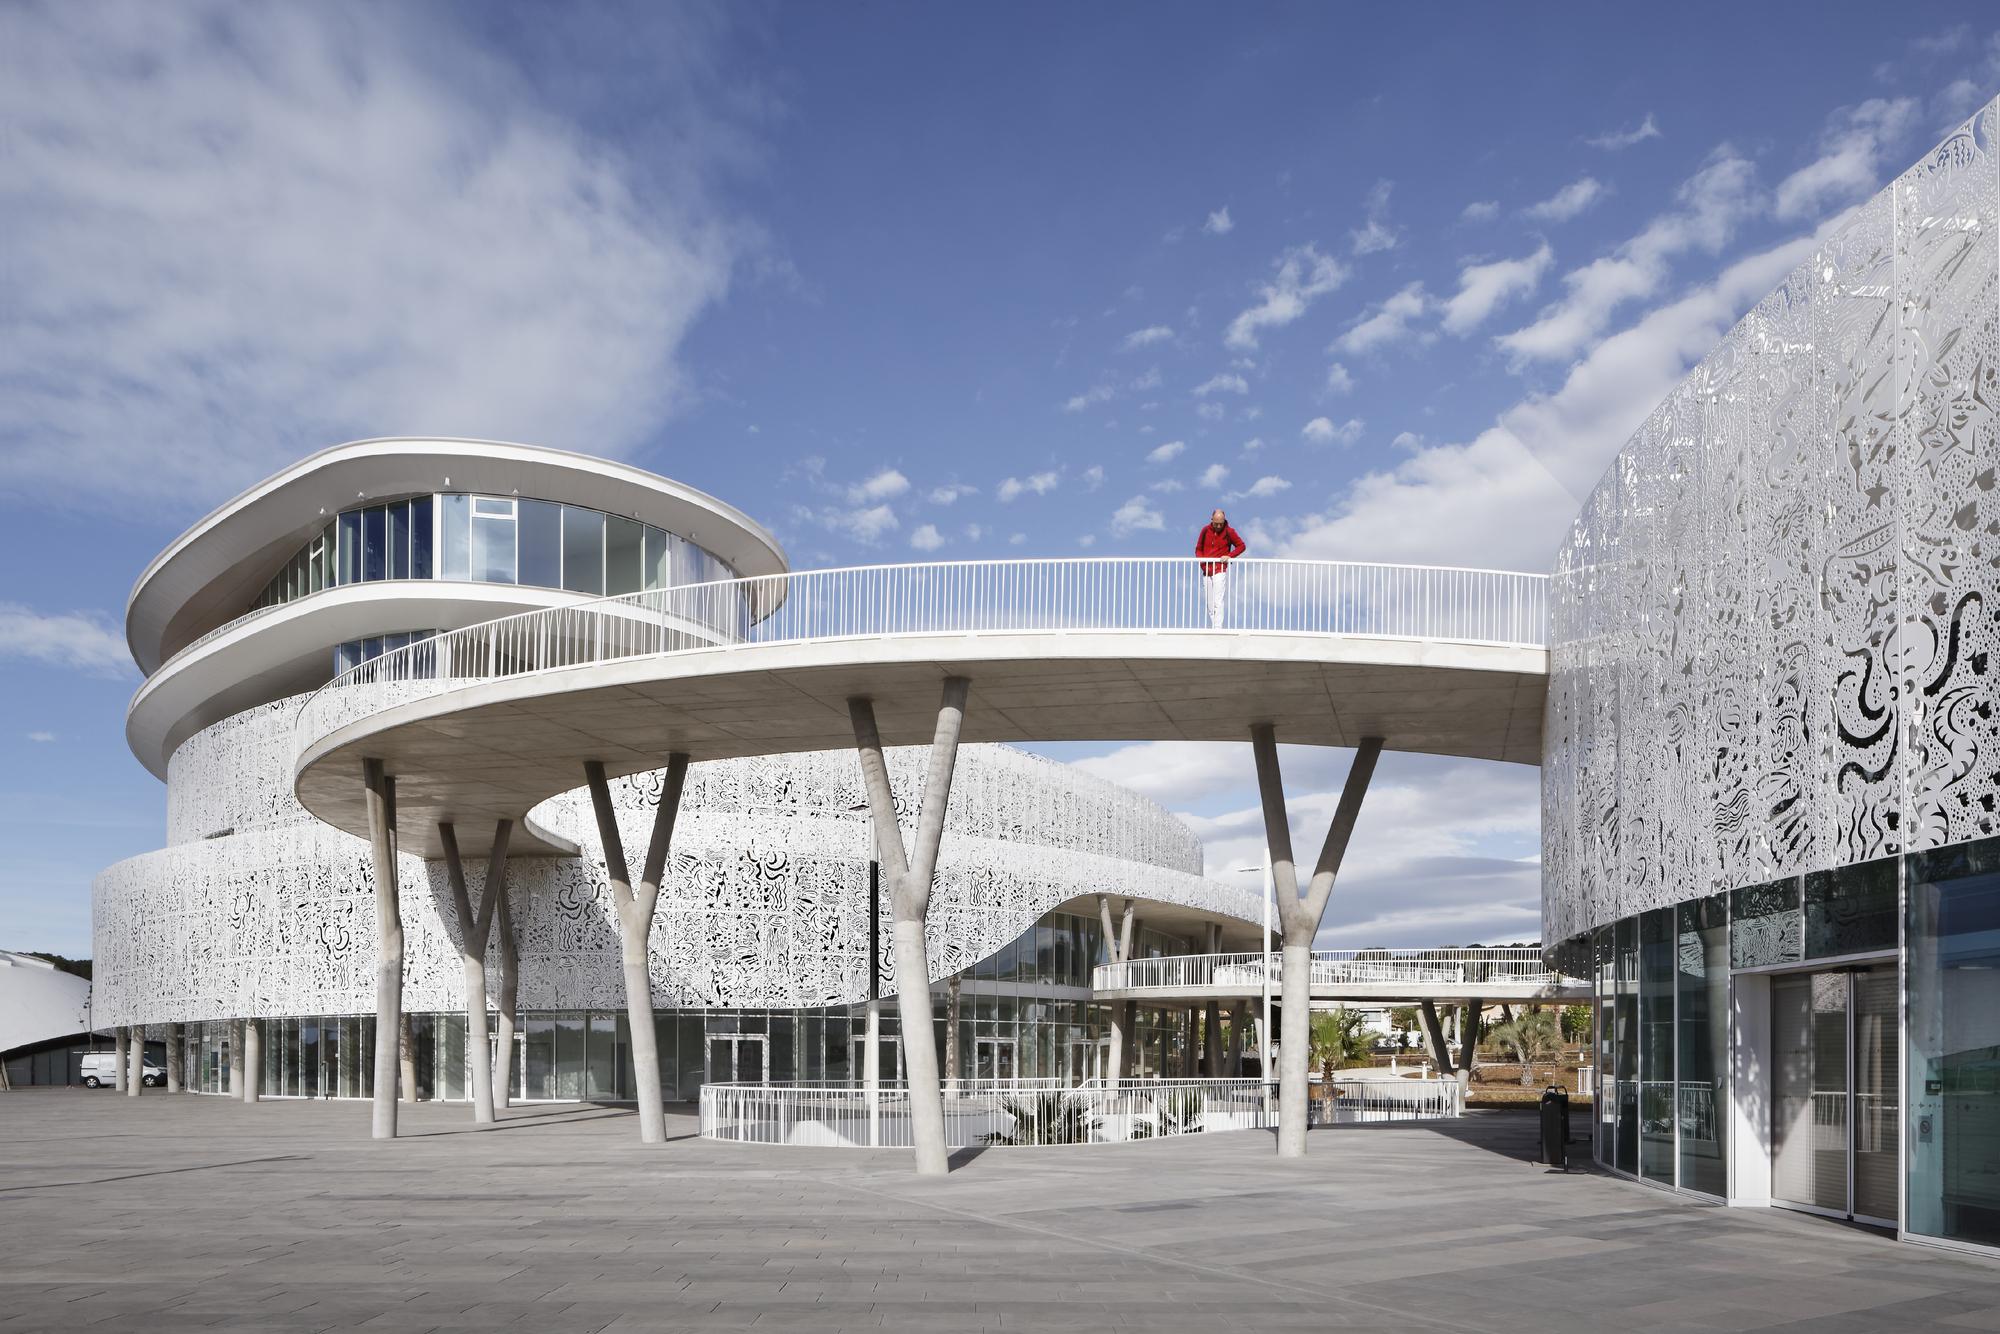 Atelier D Architecture Hervé Vincent palais des congrès & casino cap d'agde / a+architecture